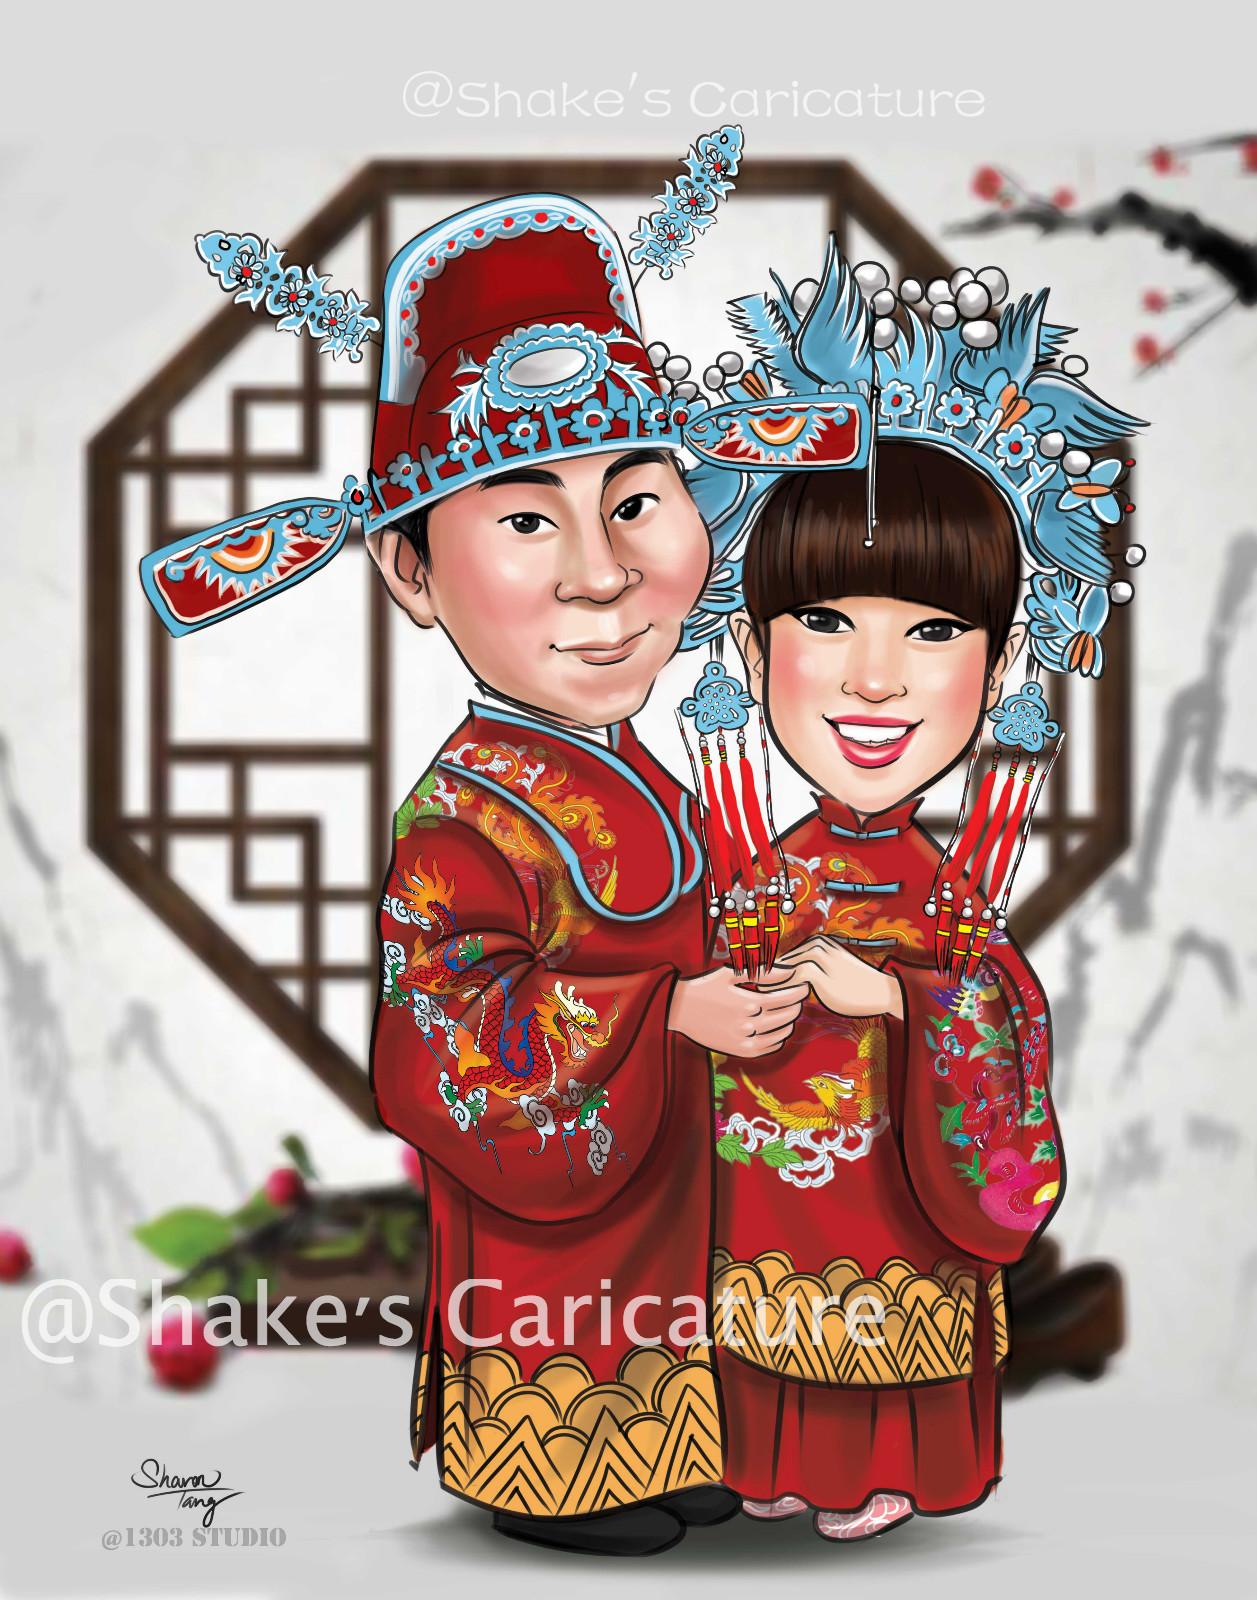 Wedding/ Anniversary | Shake\'s Caricature